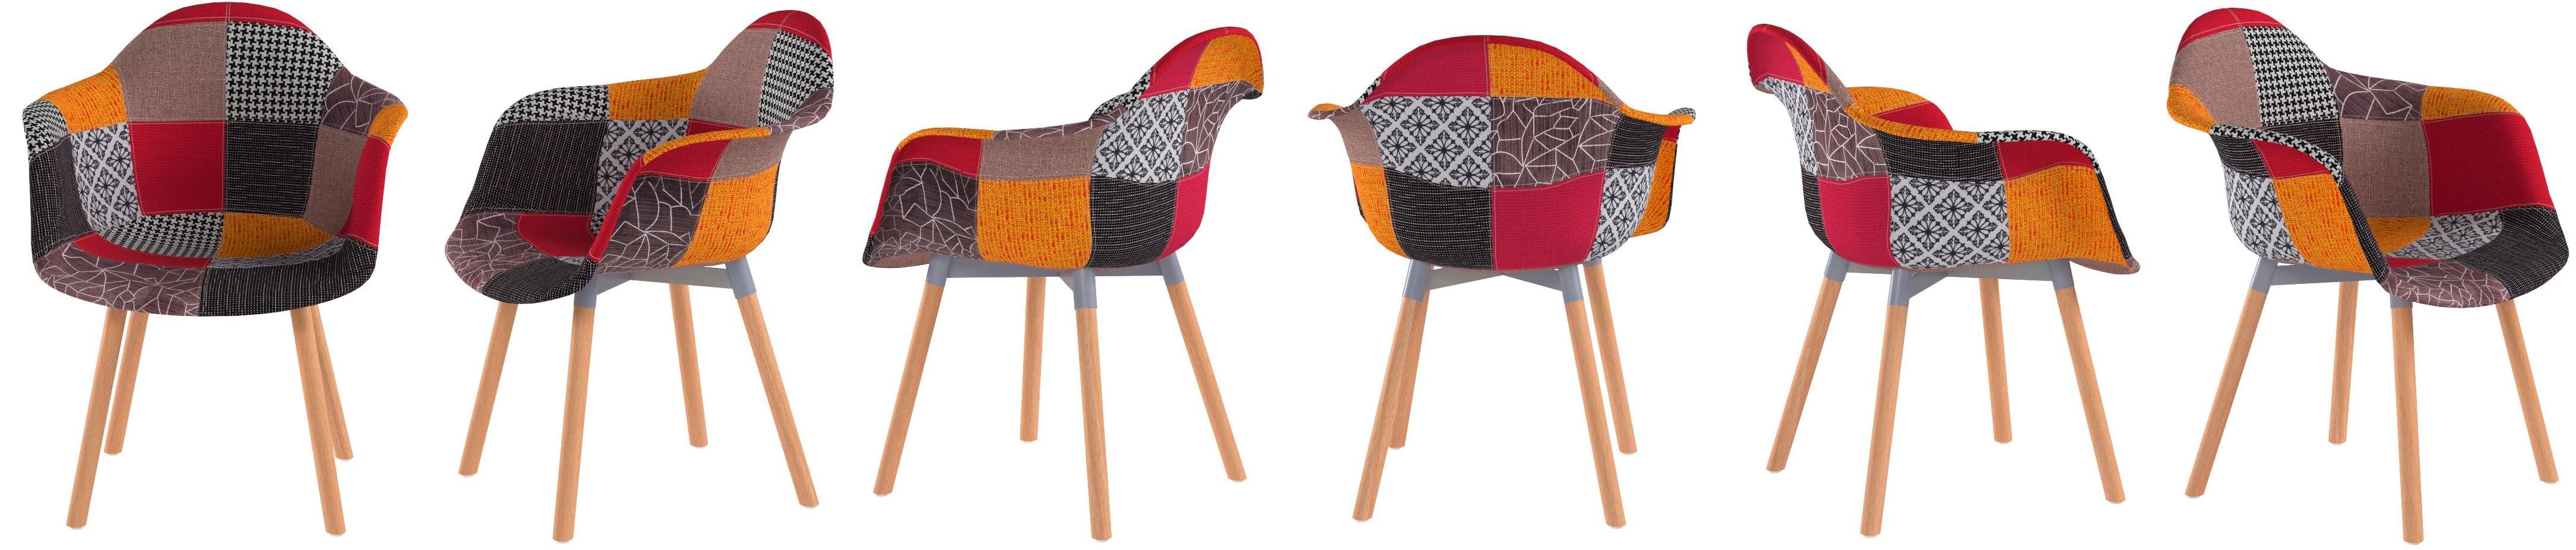 ts-ideen 1 x Design Patchwork Fauteuil Chaise de Cuisine avec des Morceaux de Tissu tach/é Jean Bleu